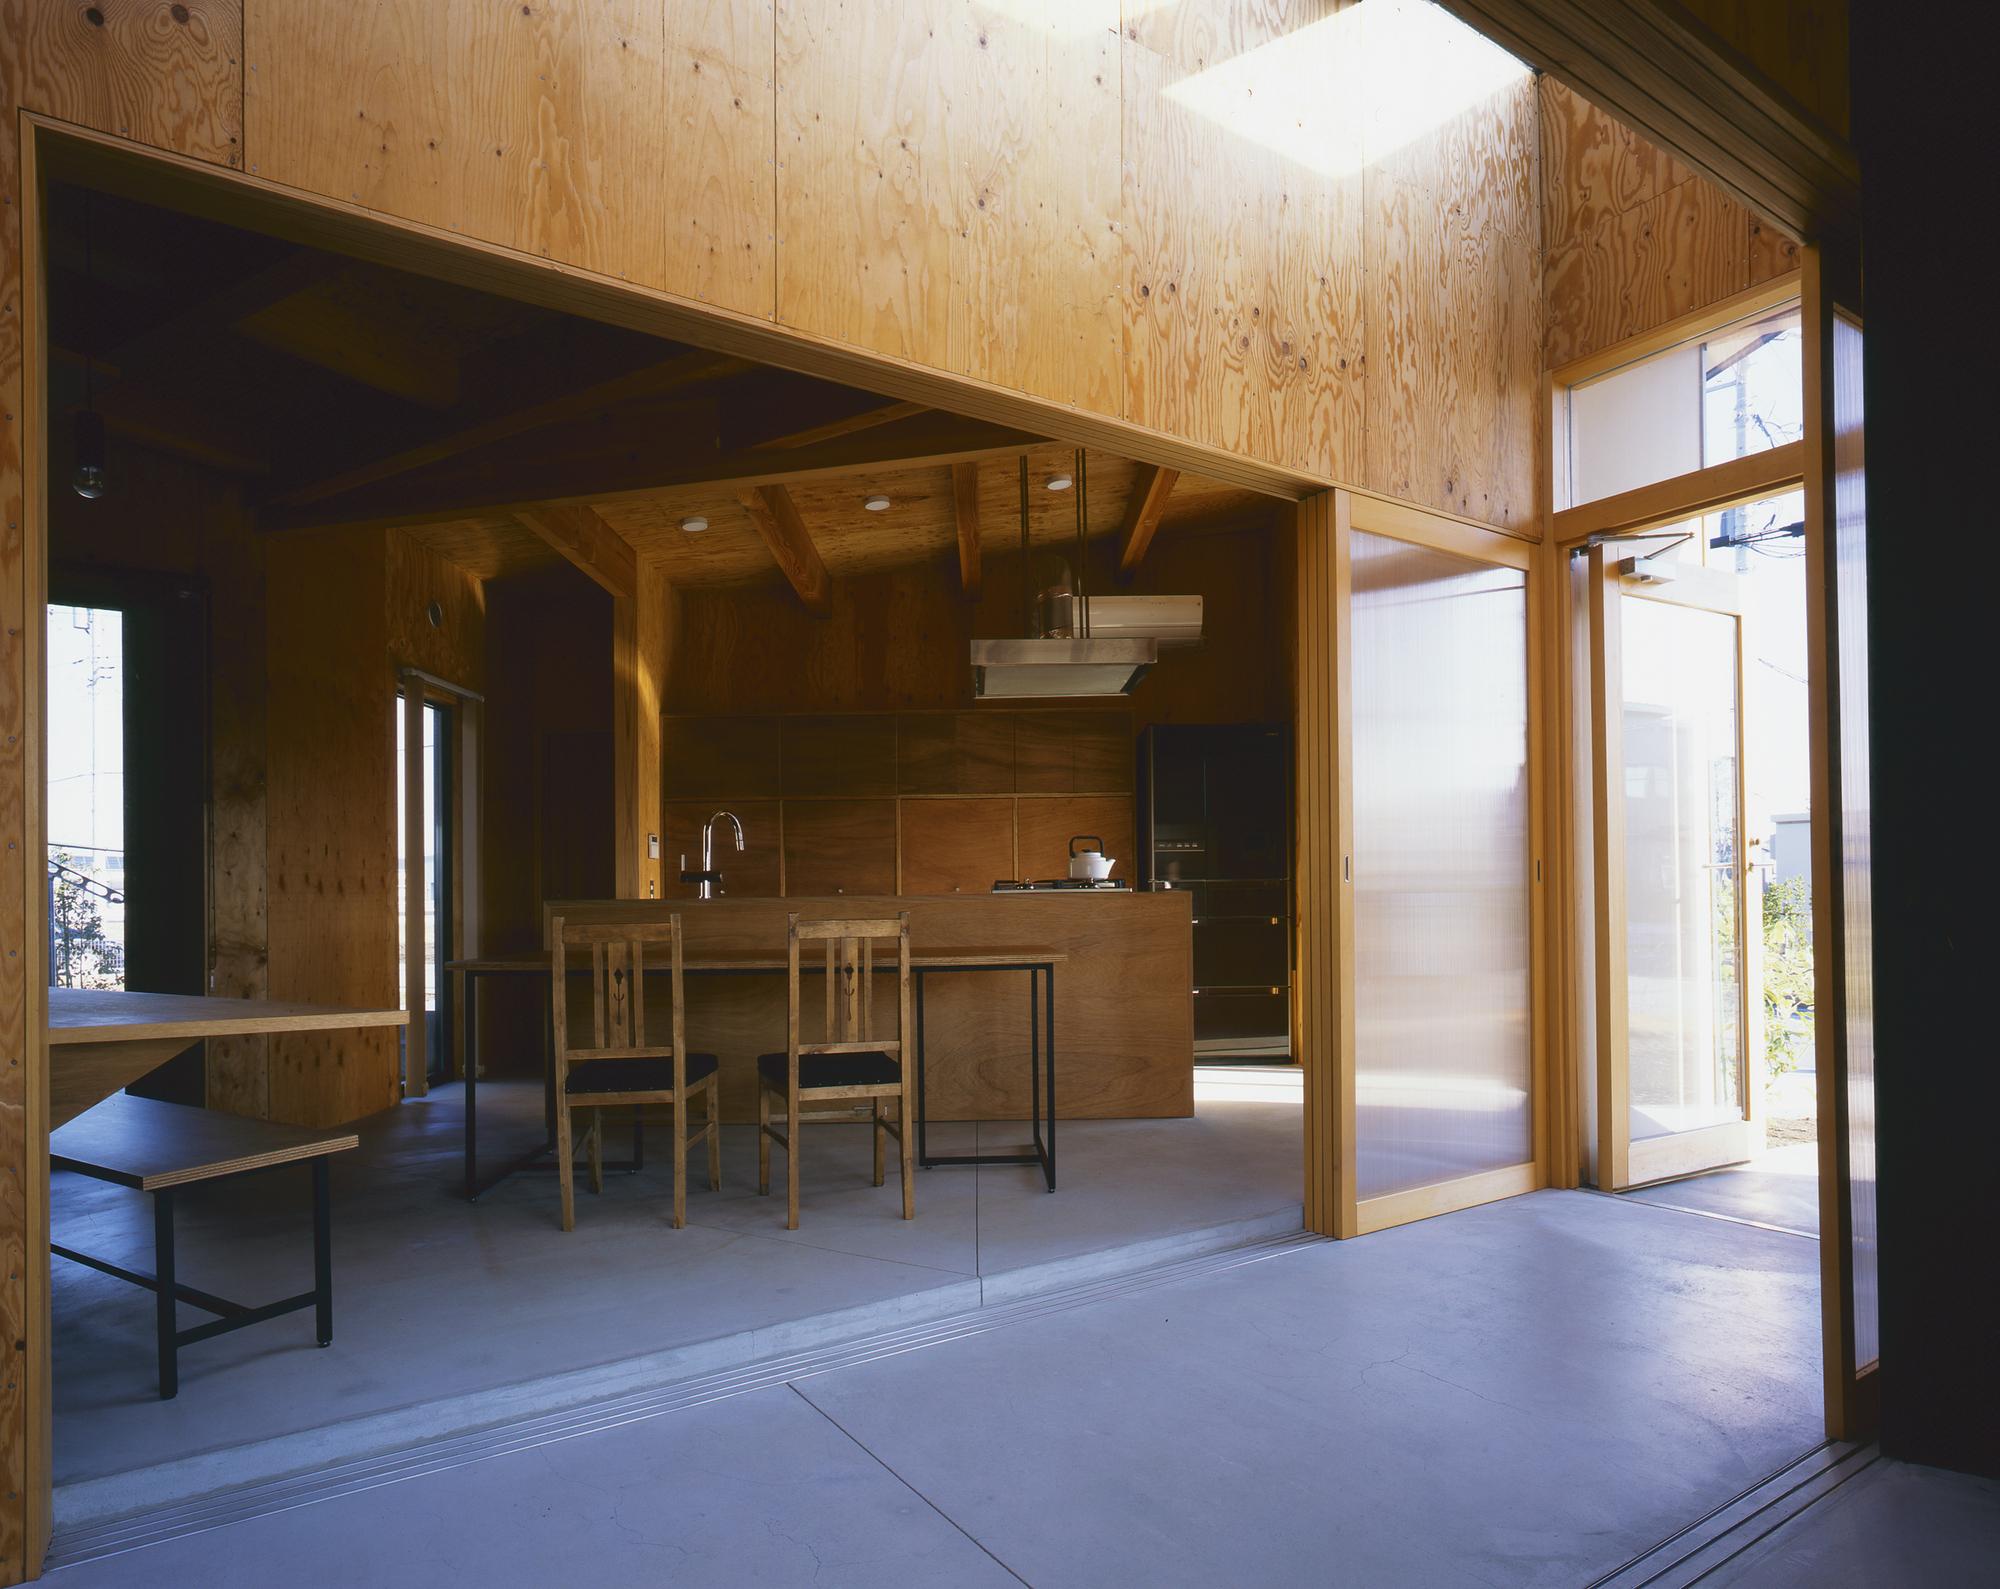 Gallery of Fluid X  / Ryuichi Ashizawa Architects & associates  - 3